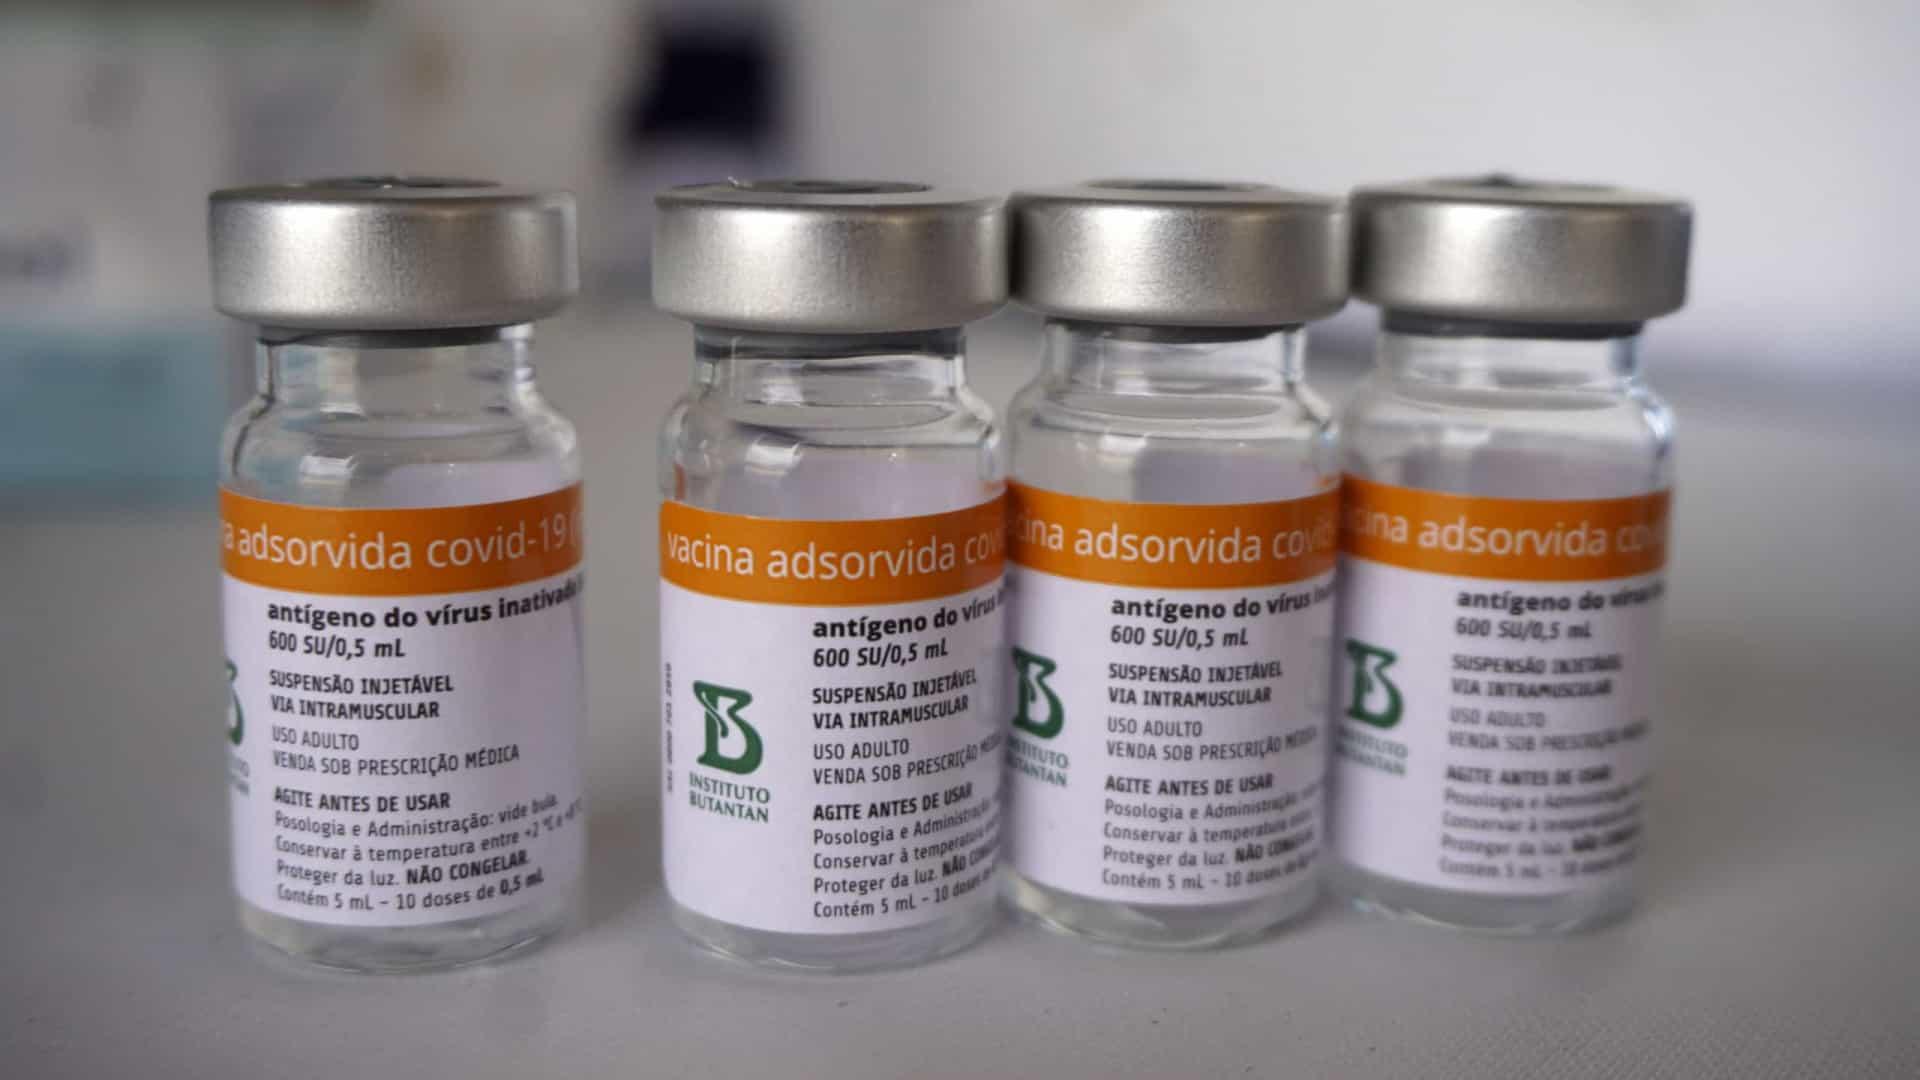 naom 606f302404d0f - Conmebol receberá 50 mil doses da Coronavac e quer imunizar jogadores